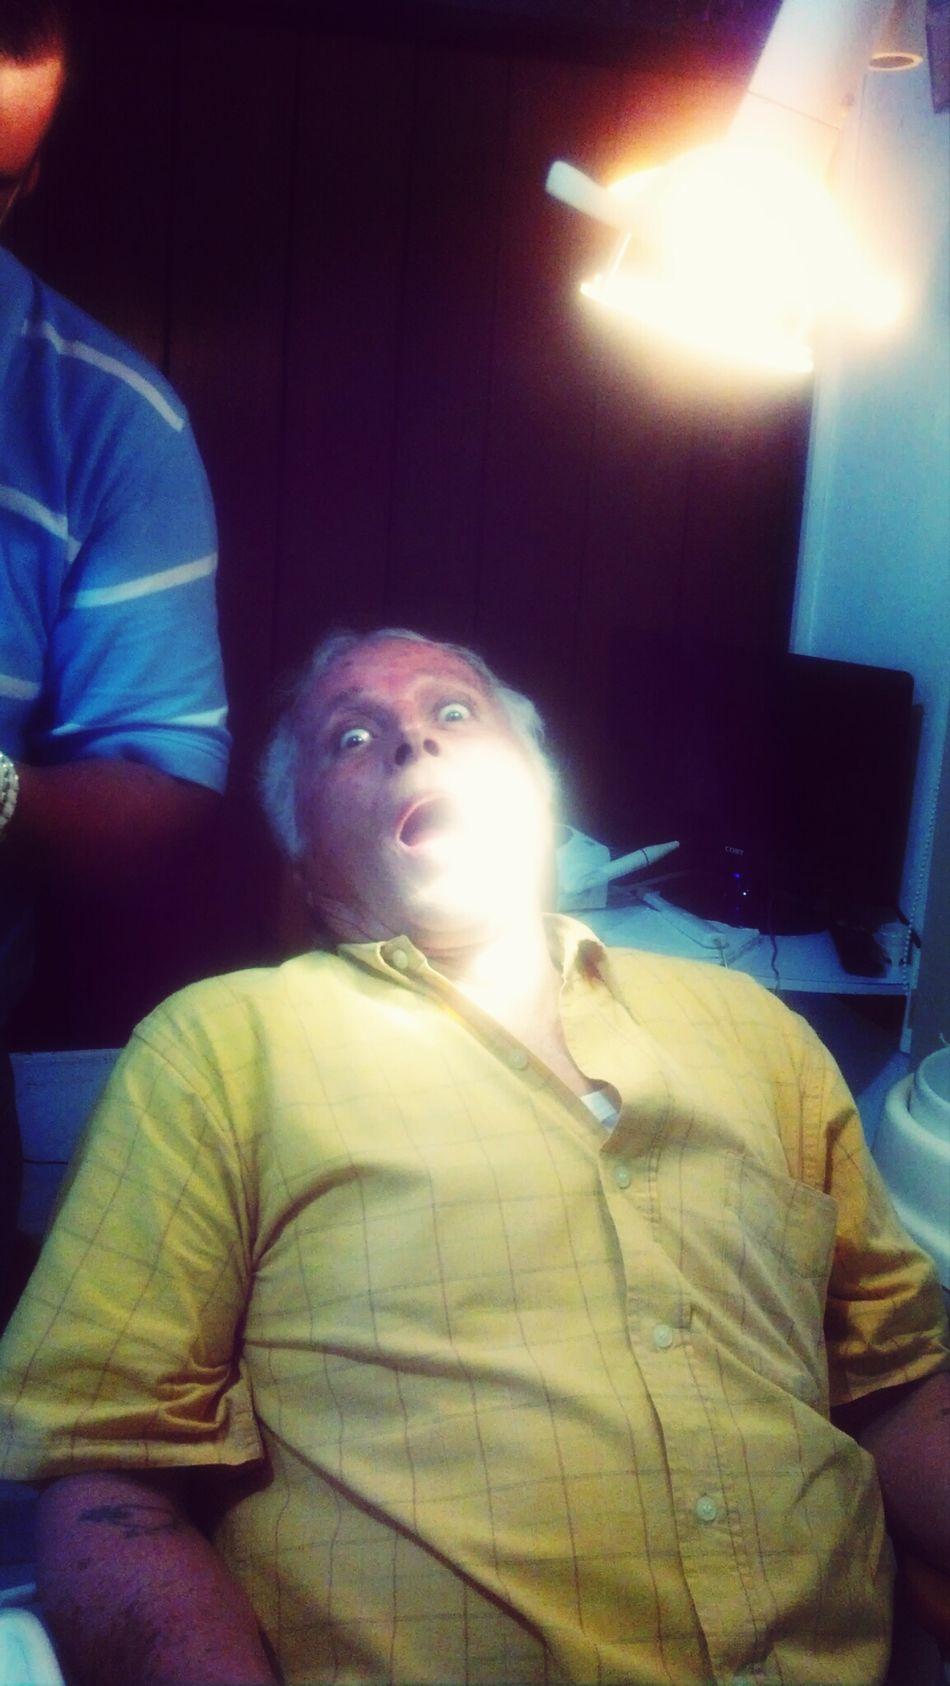 Ortodontist Grandpa Ni Pedo Dentista At The Dentist #crazyface